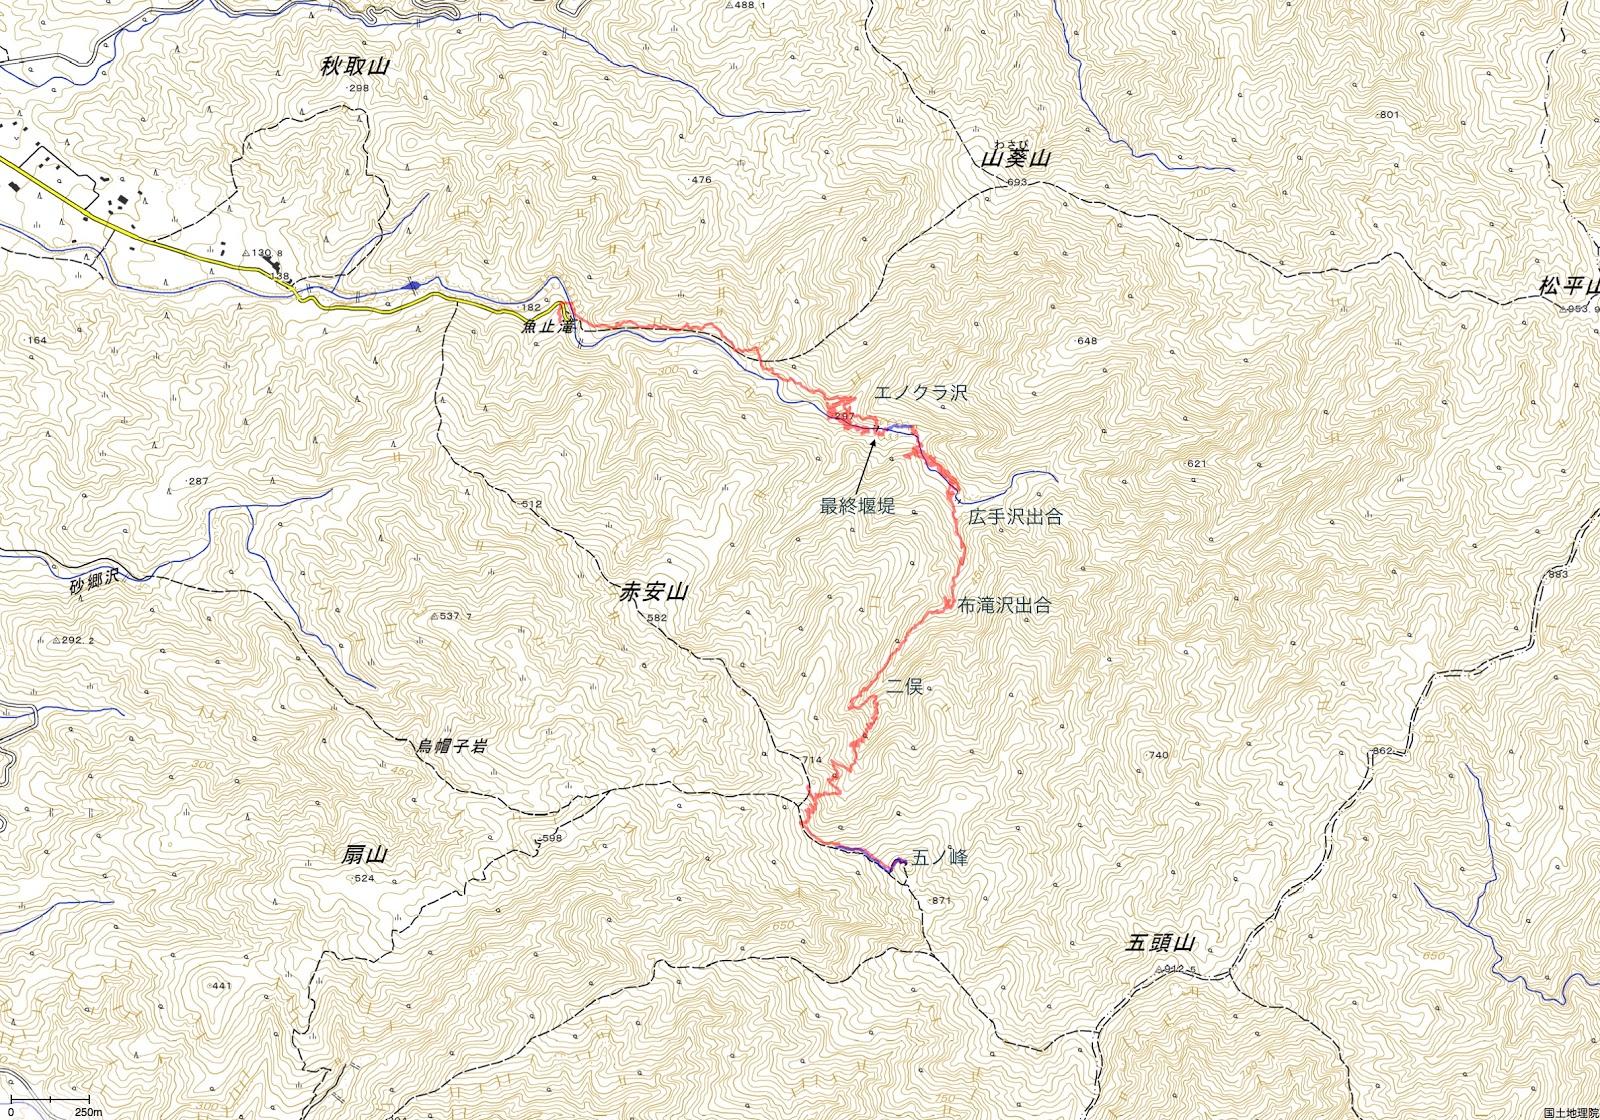 【社会】新潟県の五頭連山で2人の遺体発見、不明の親子か★10 YouTube動画>4本 ->画像>40枚